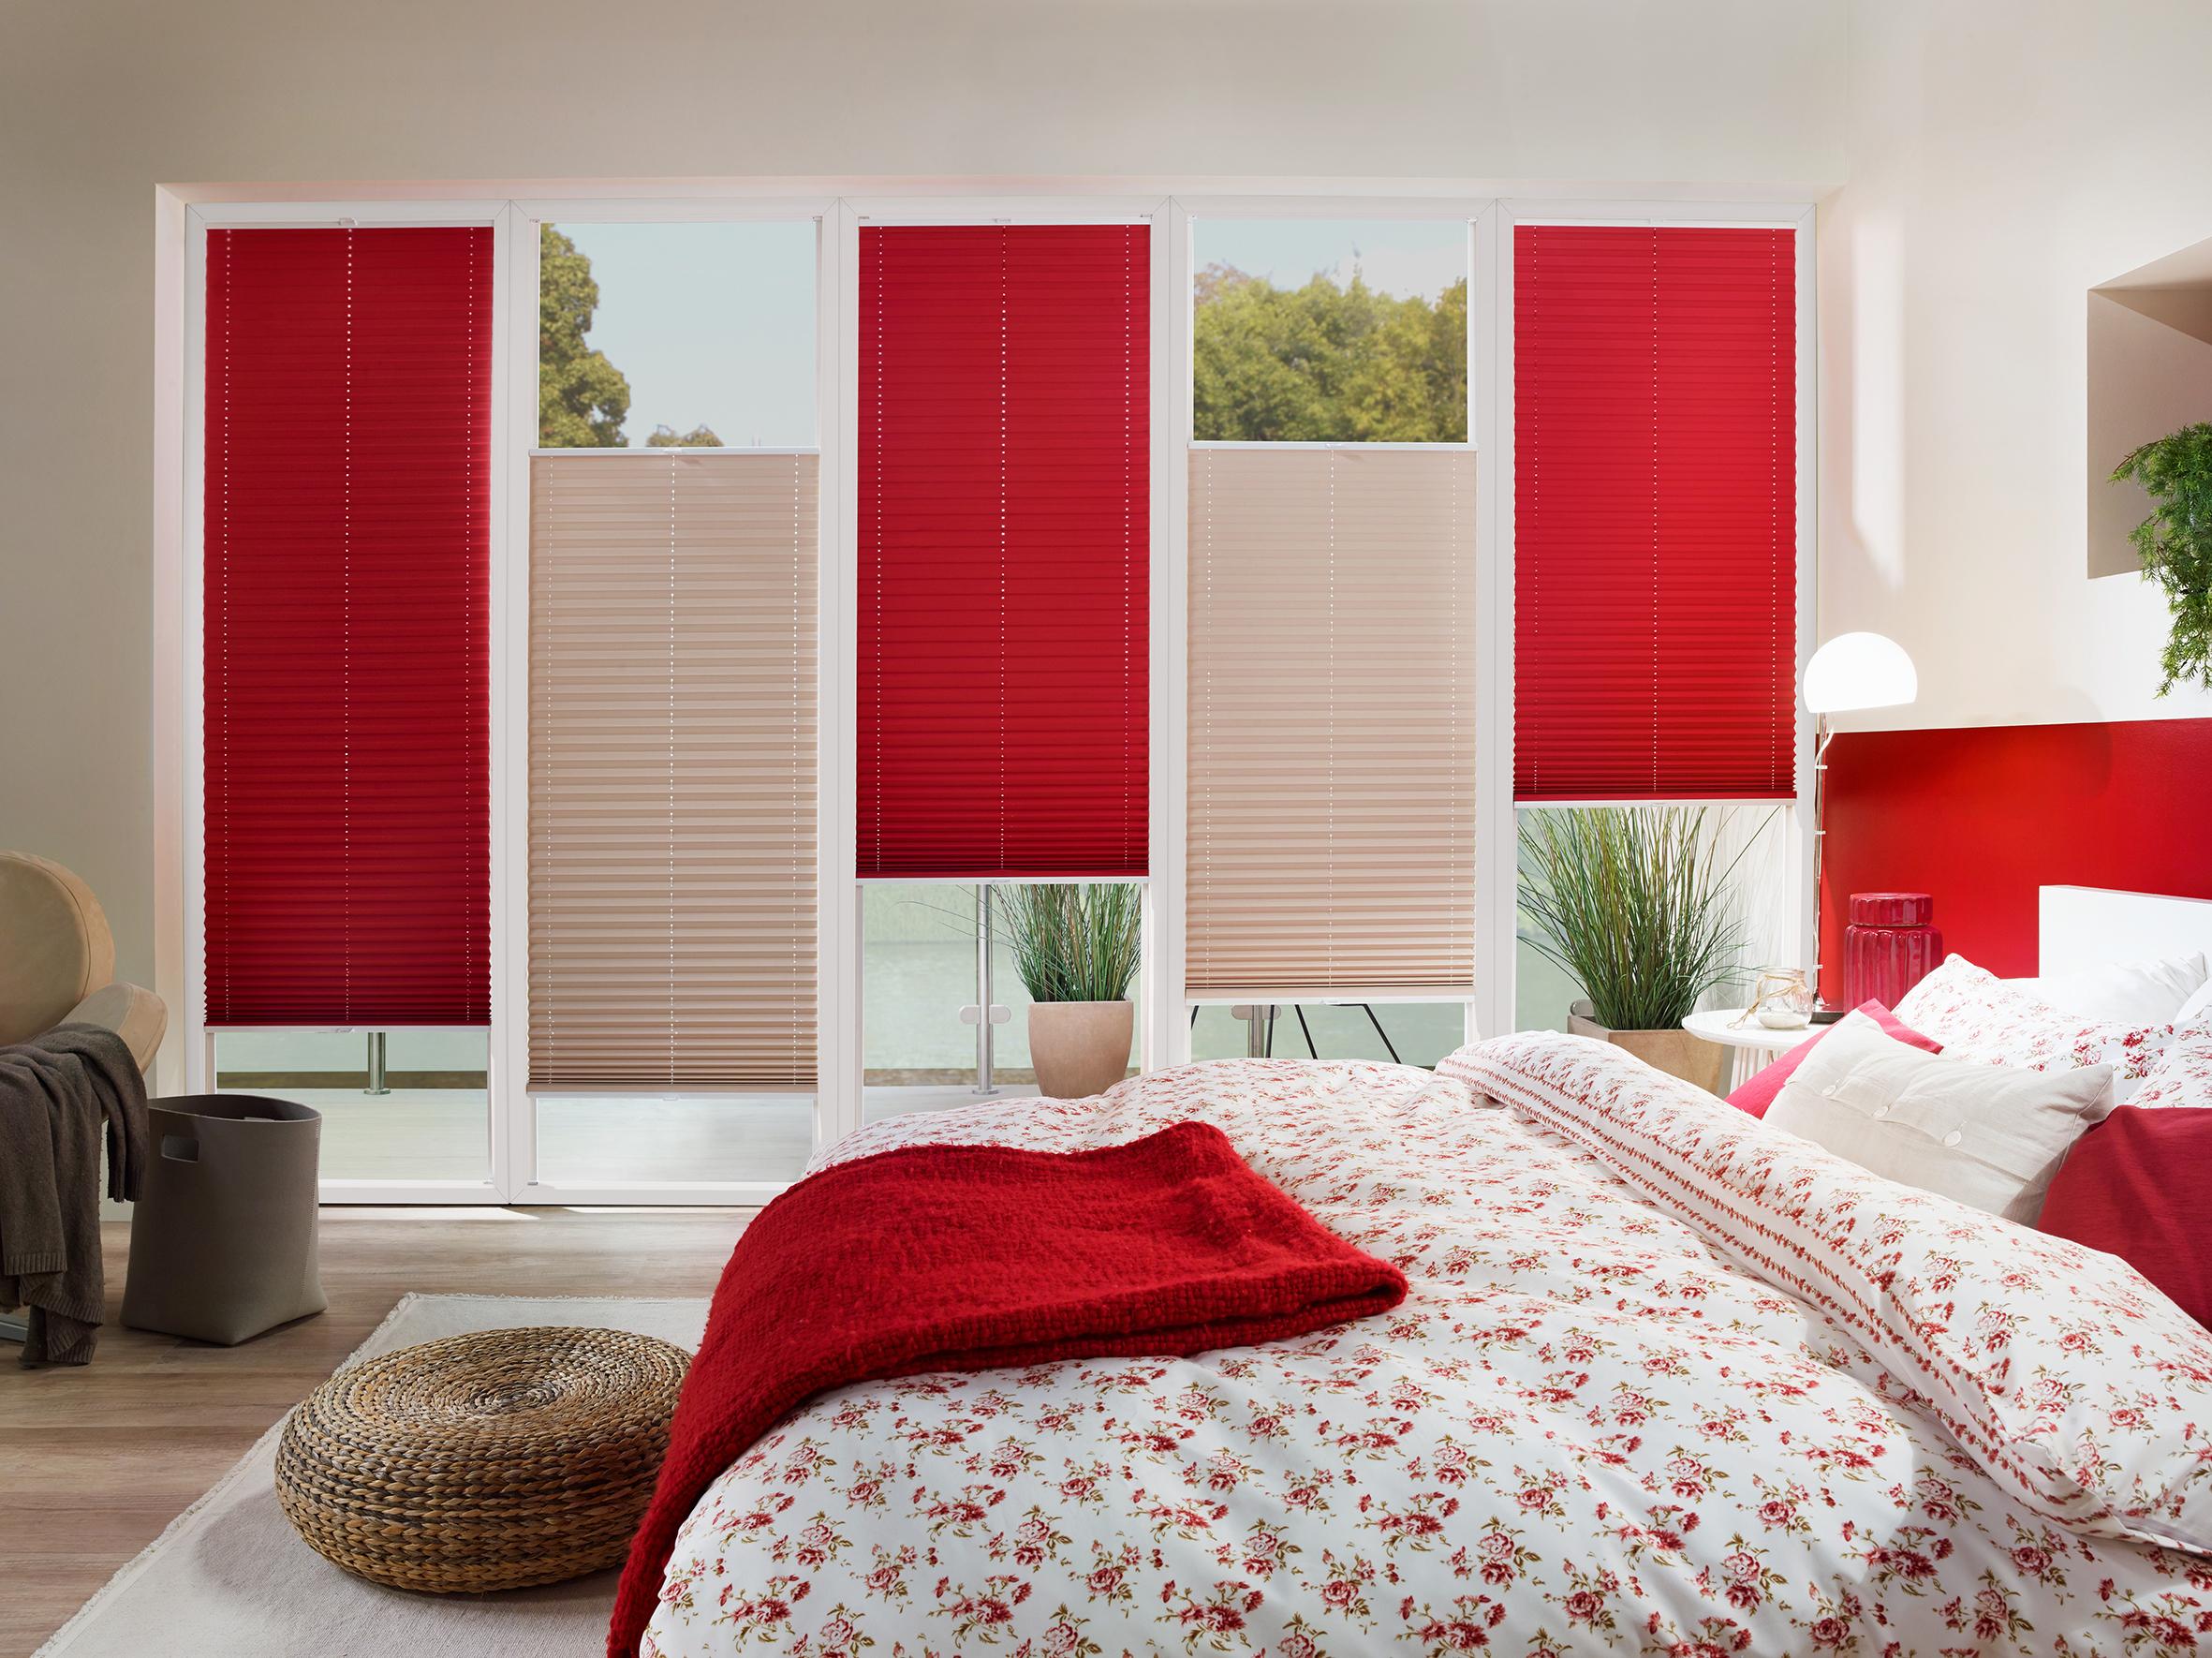 Schlafzimmer mit Plissees in Rot und Blick in den Garten